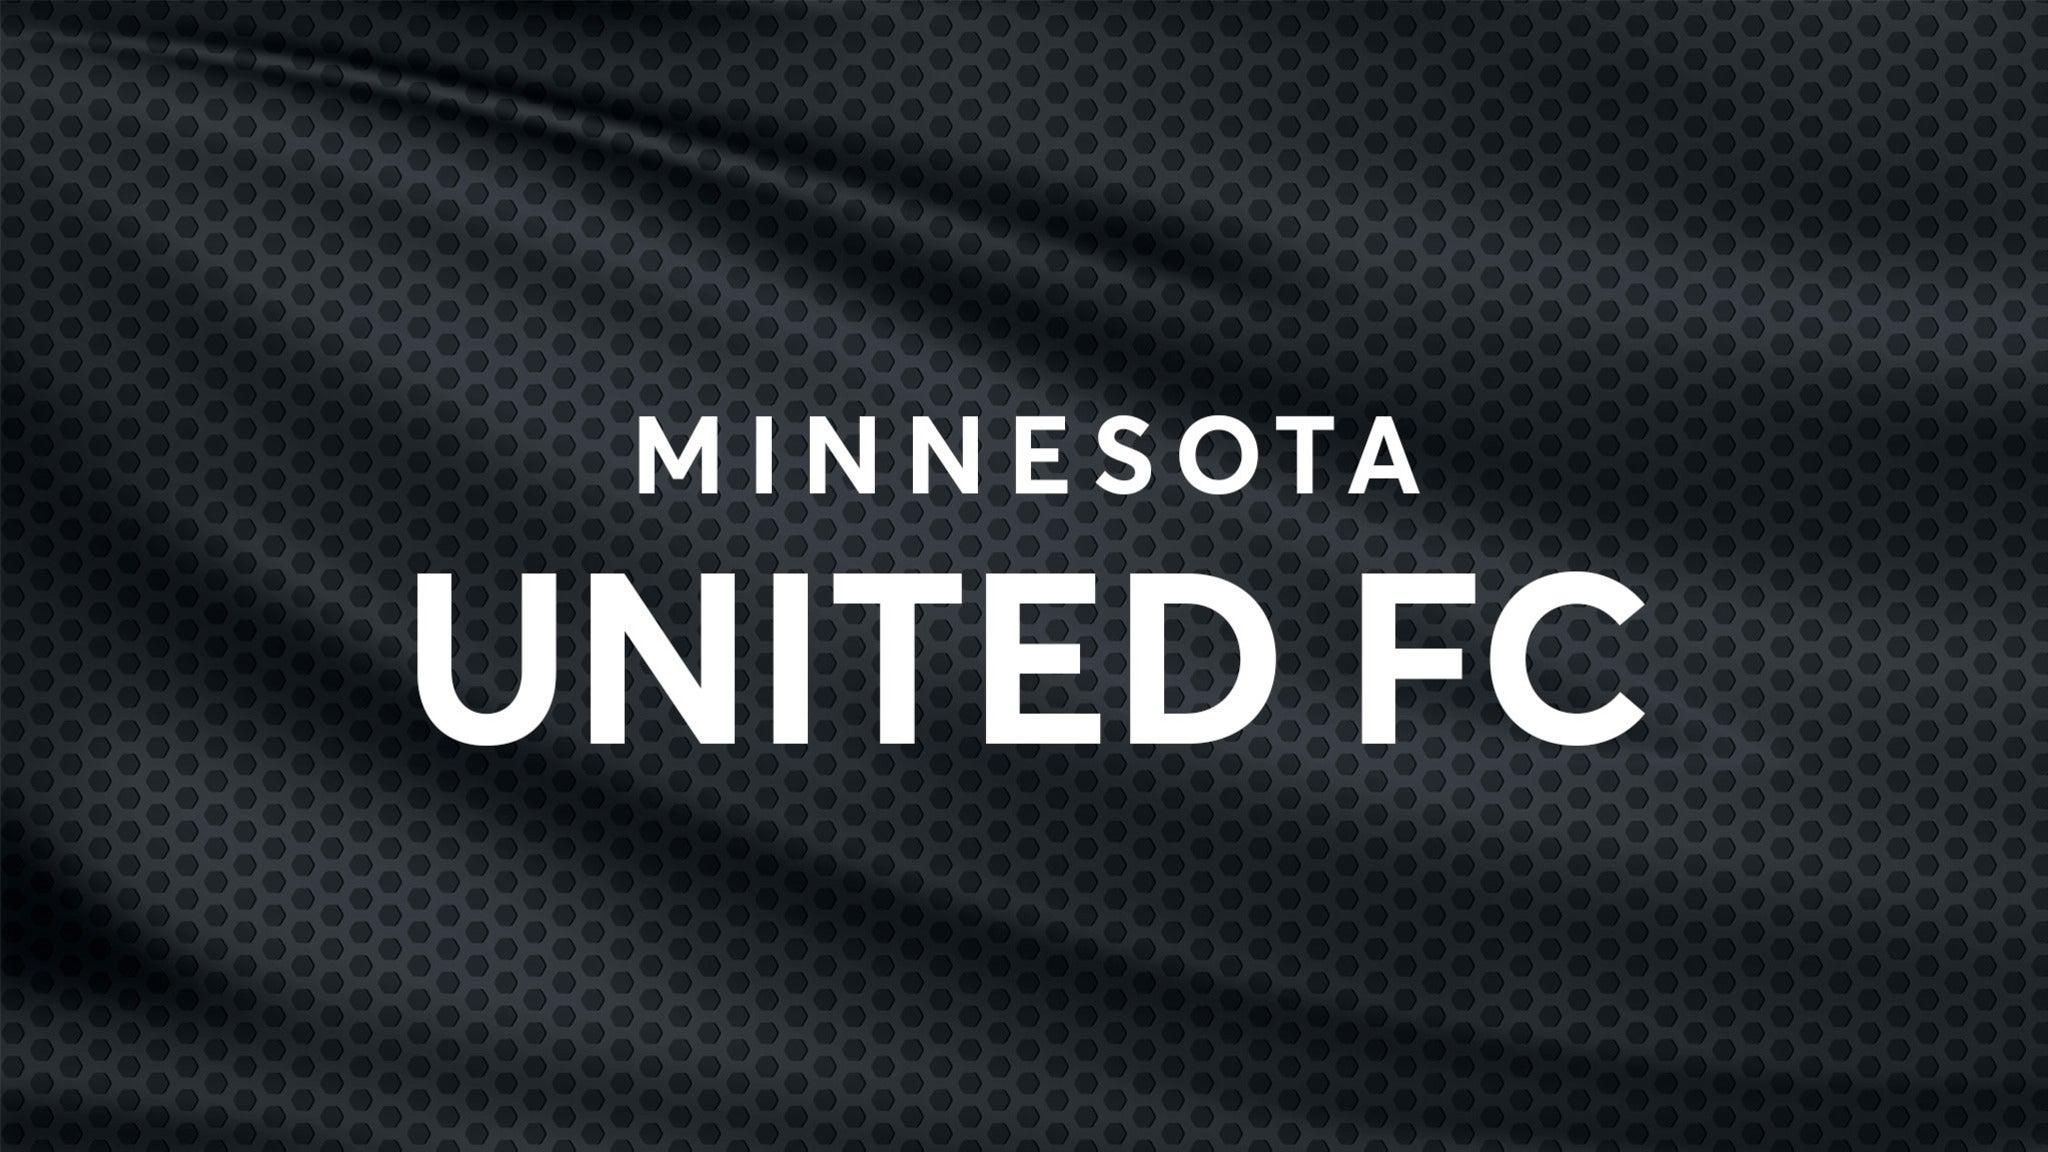 Minnesota United FC vs. FC Dallas at Allianz Field - St. Paul, MN 55104